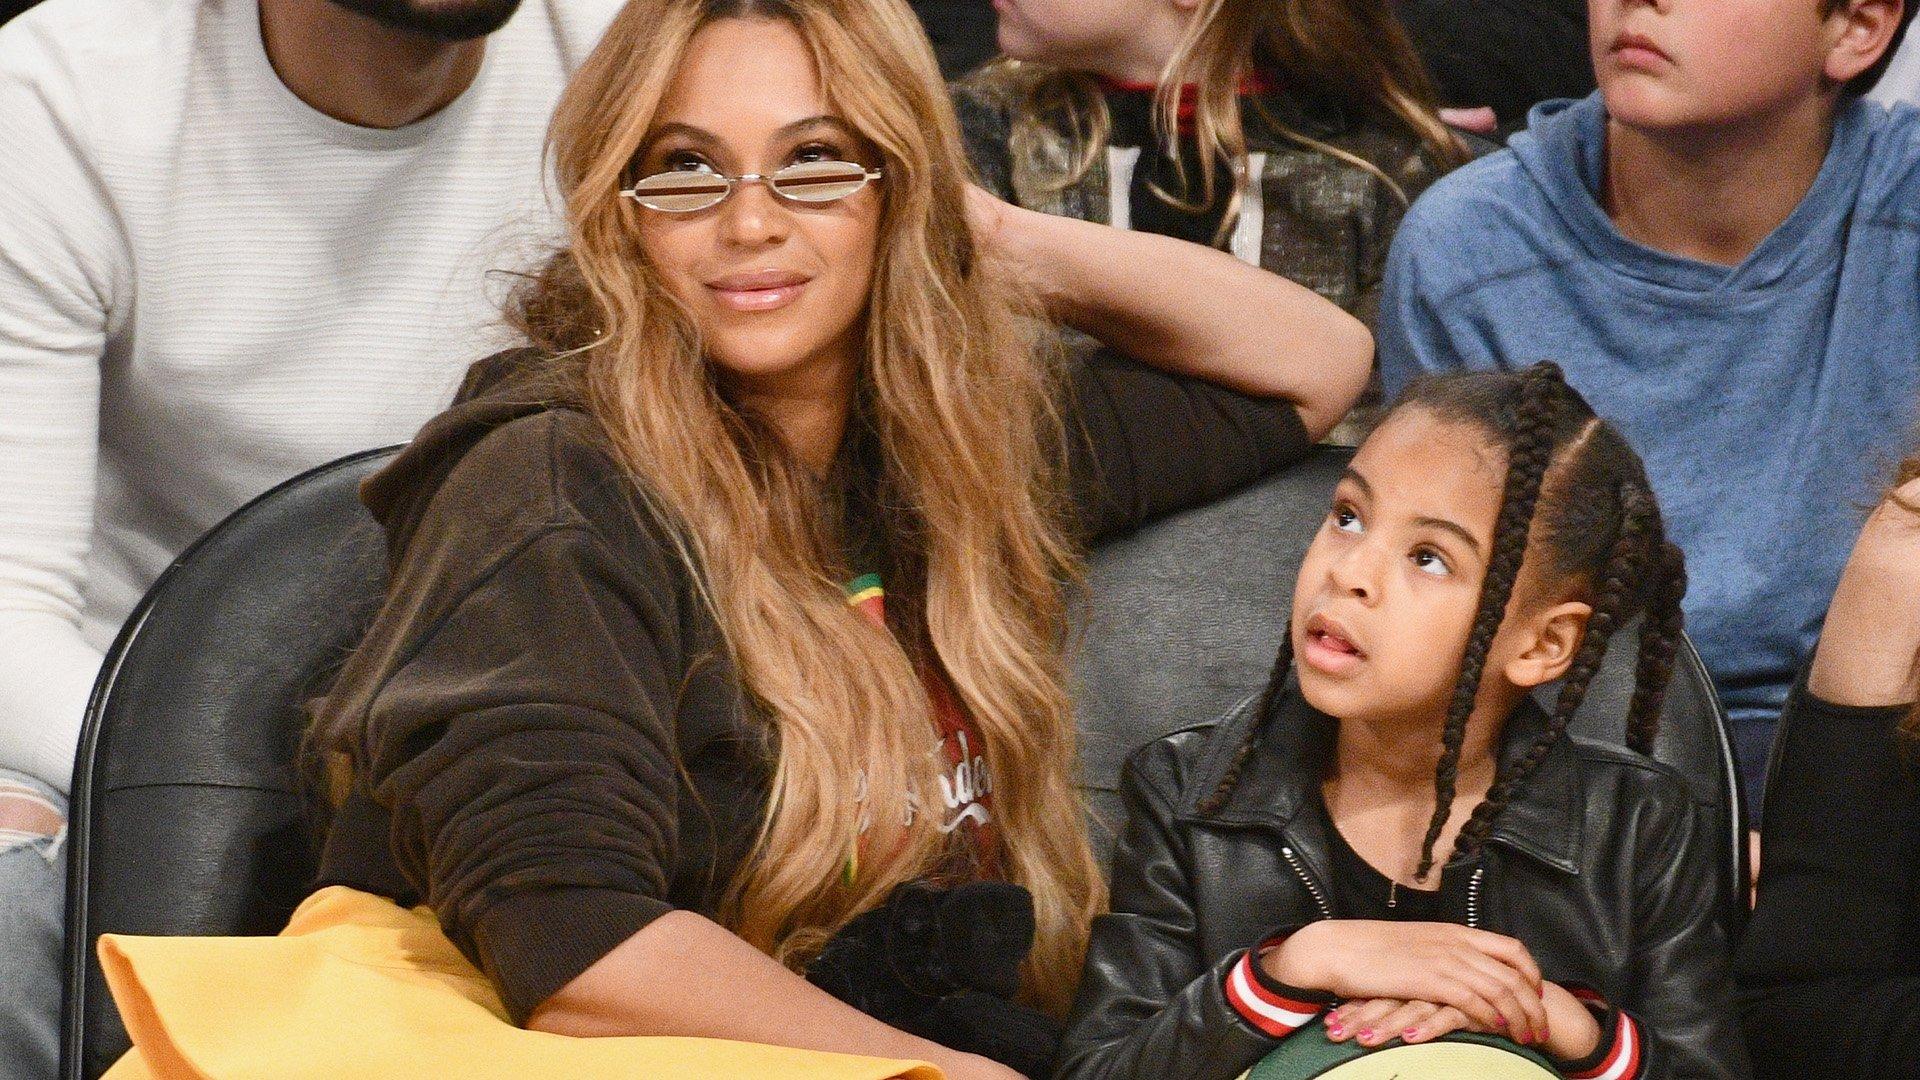 beyonce blue ivy1.jpg?resize=300,169 - Beyoncé fala sobre como seu corpo mudou após a gravidez e faz relato emocionante sobre como espera que seus filhos cresçam